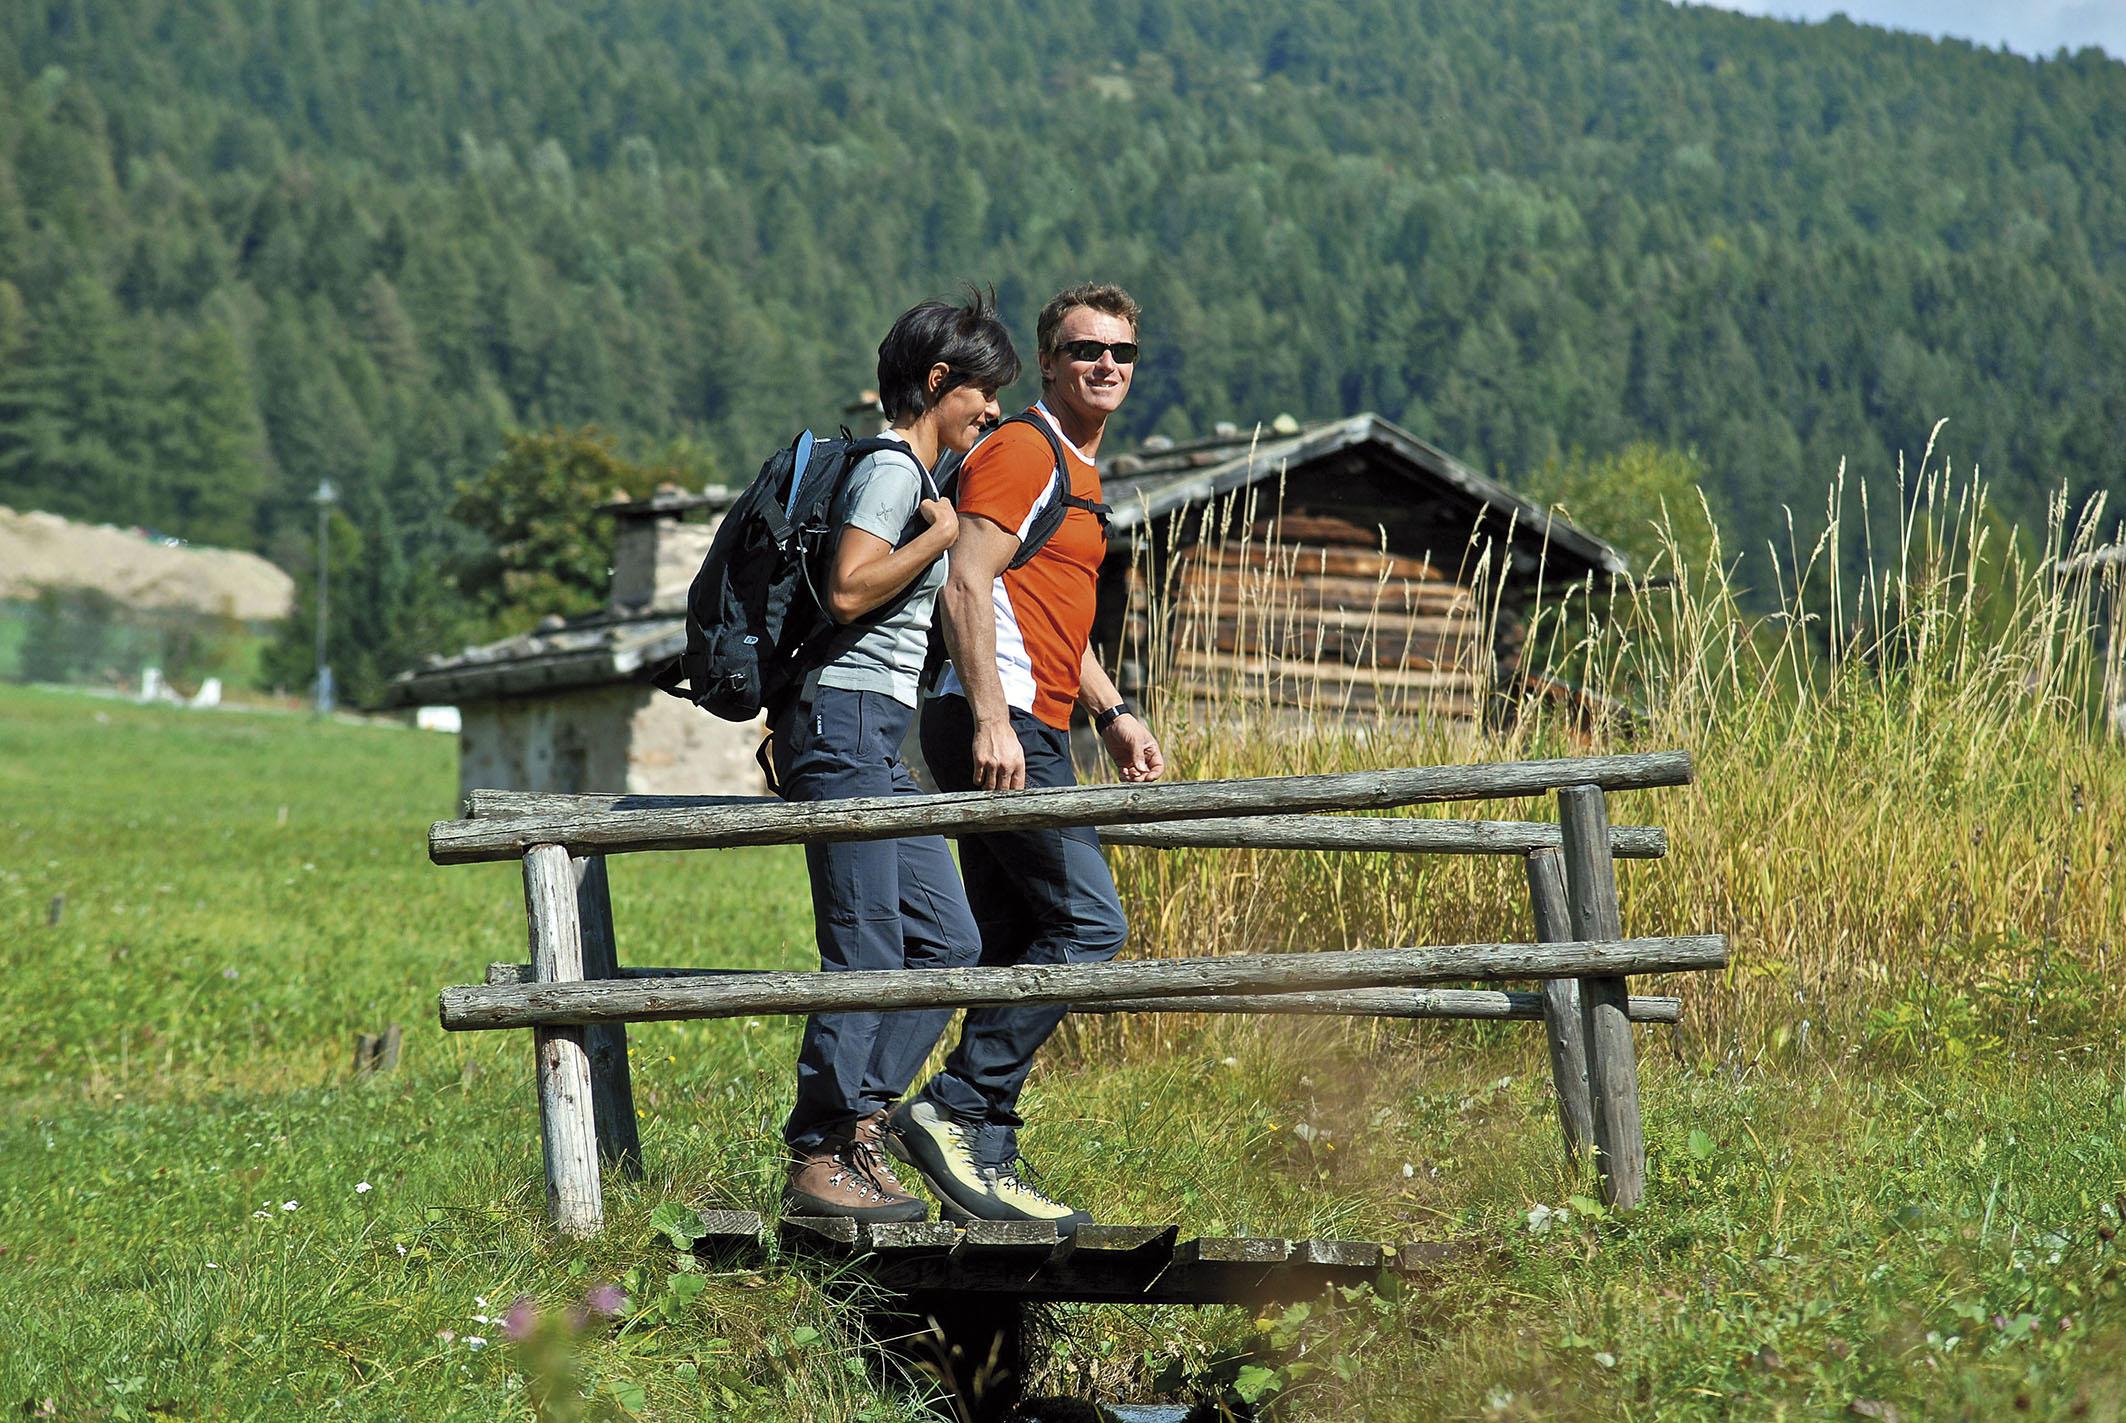 Fotocredit: Photo Library Pictures of Trentino Sviluppo SpA (Giovanni Cavulli)